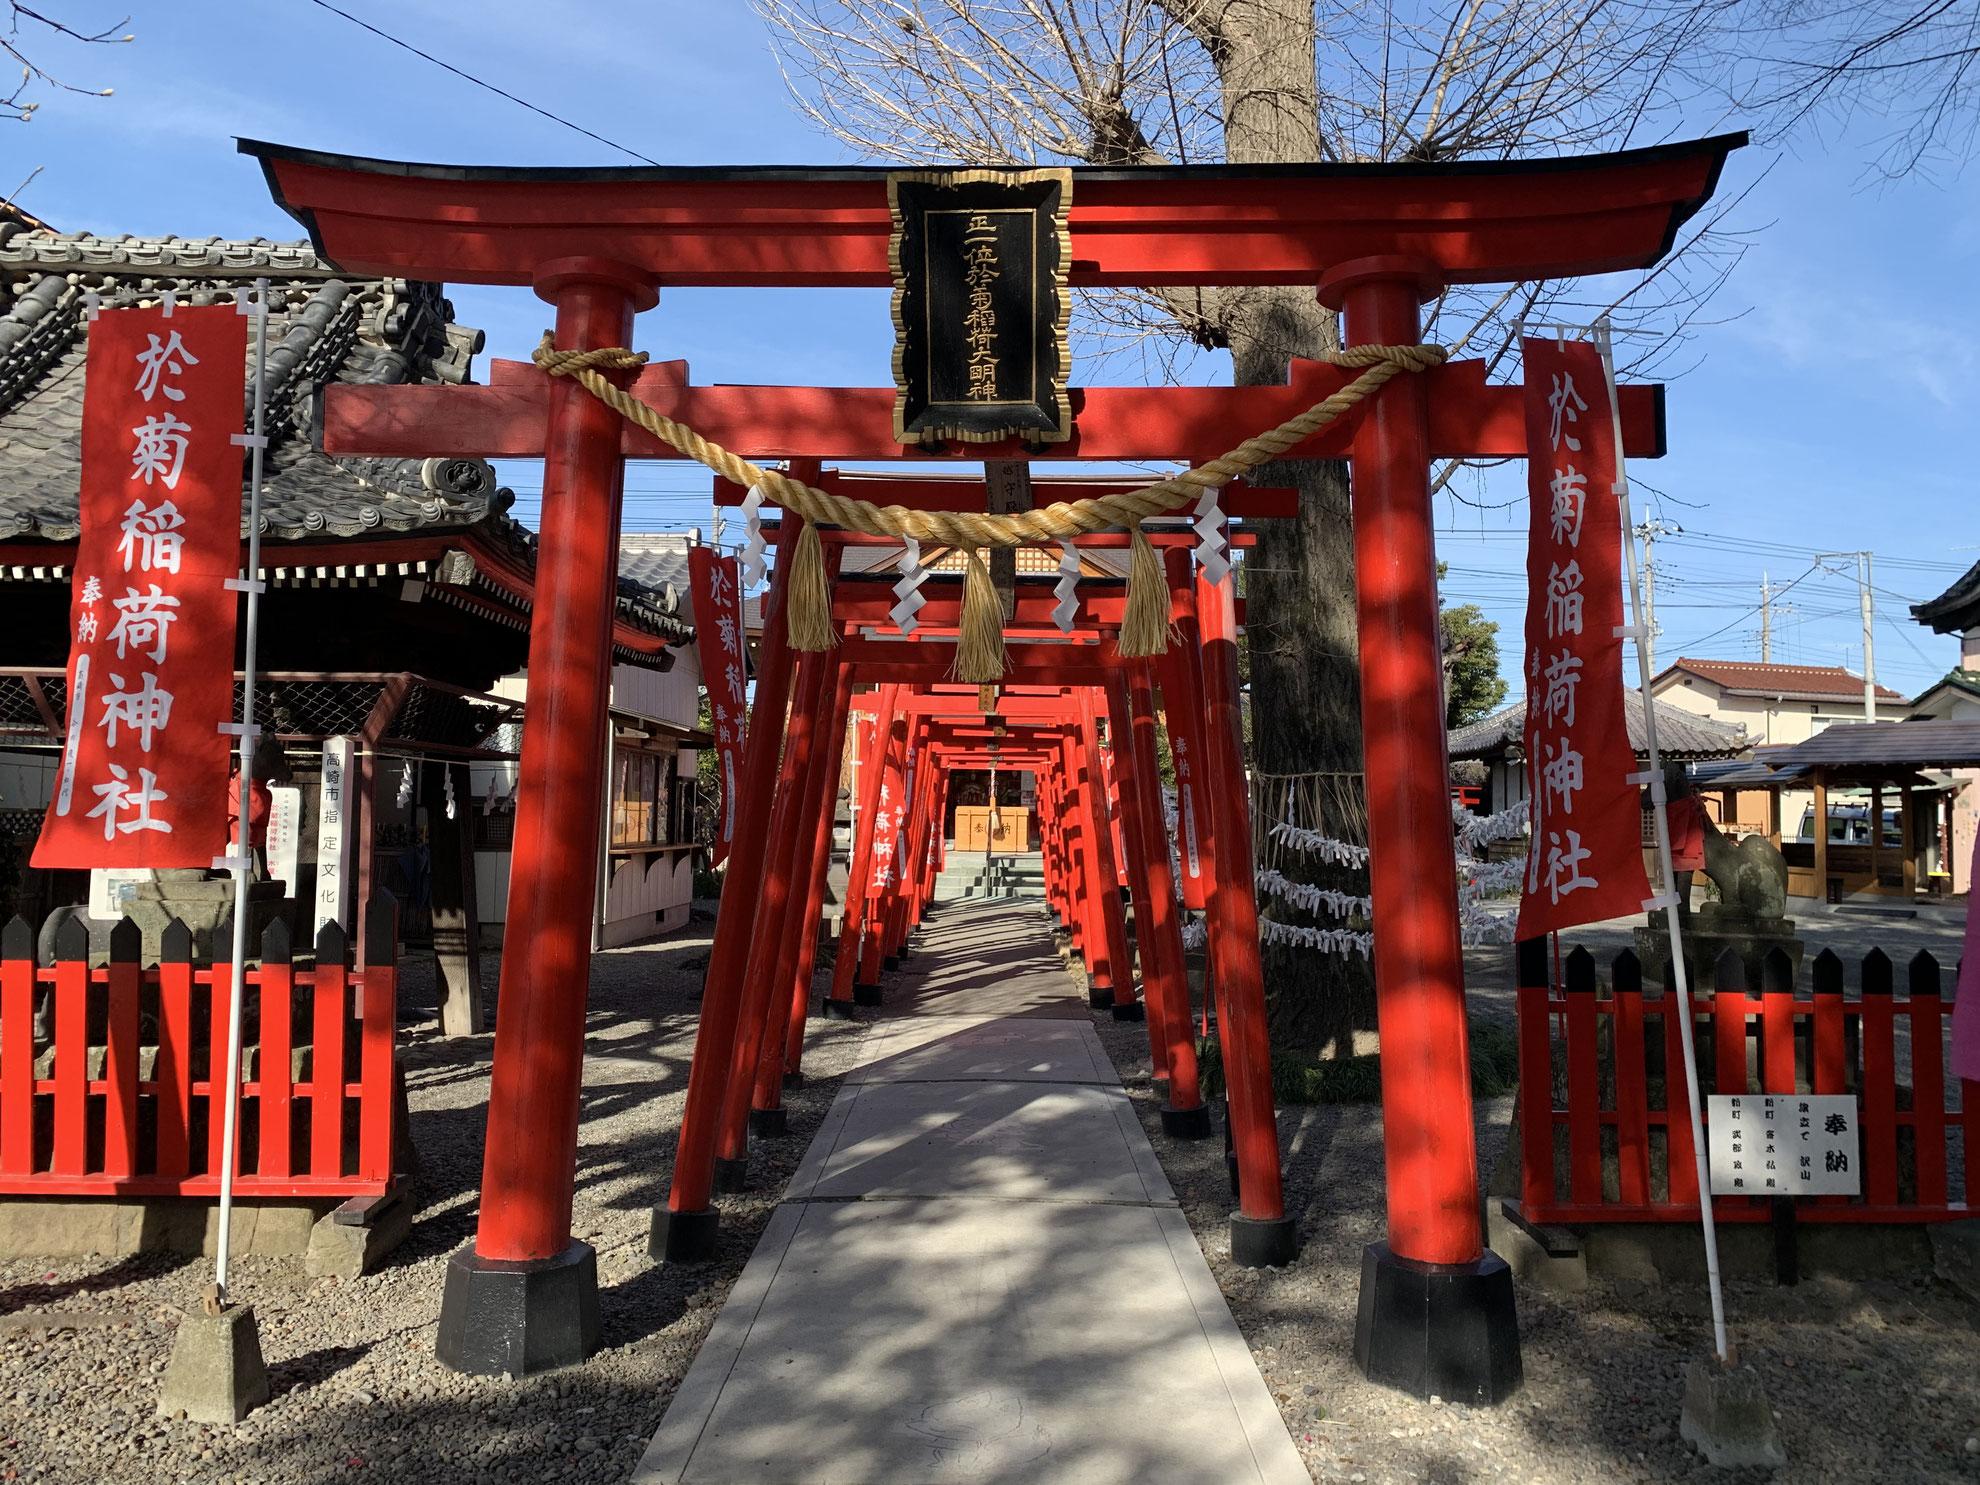 於菊稲荷神社 - 於菊稲荷神社